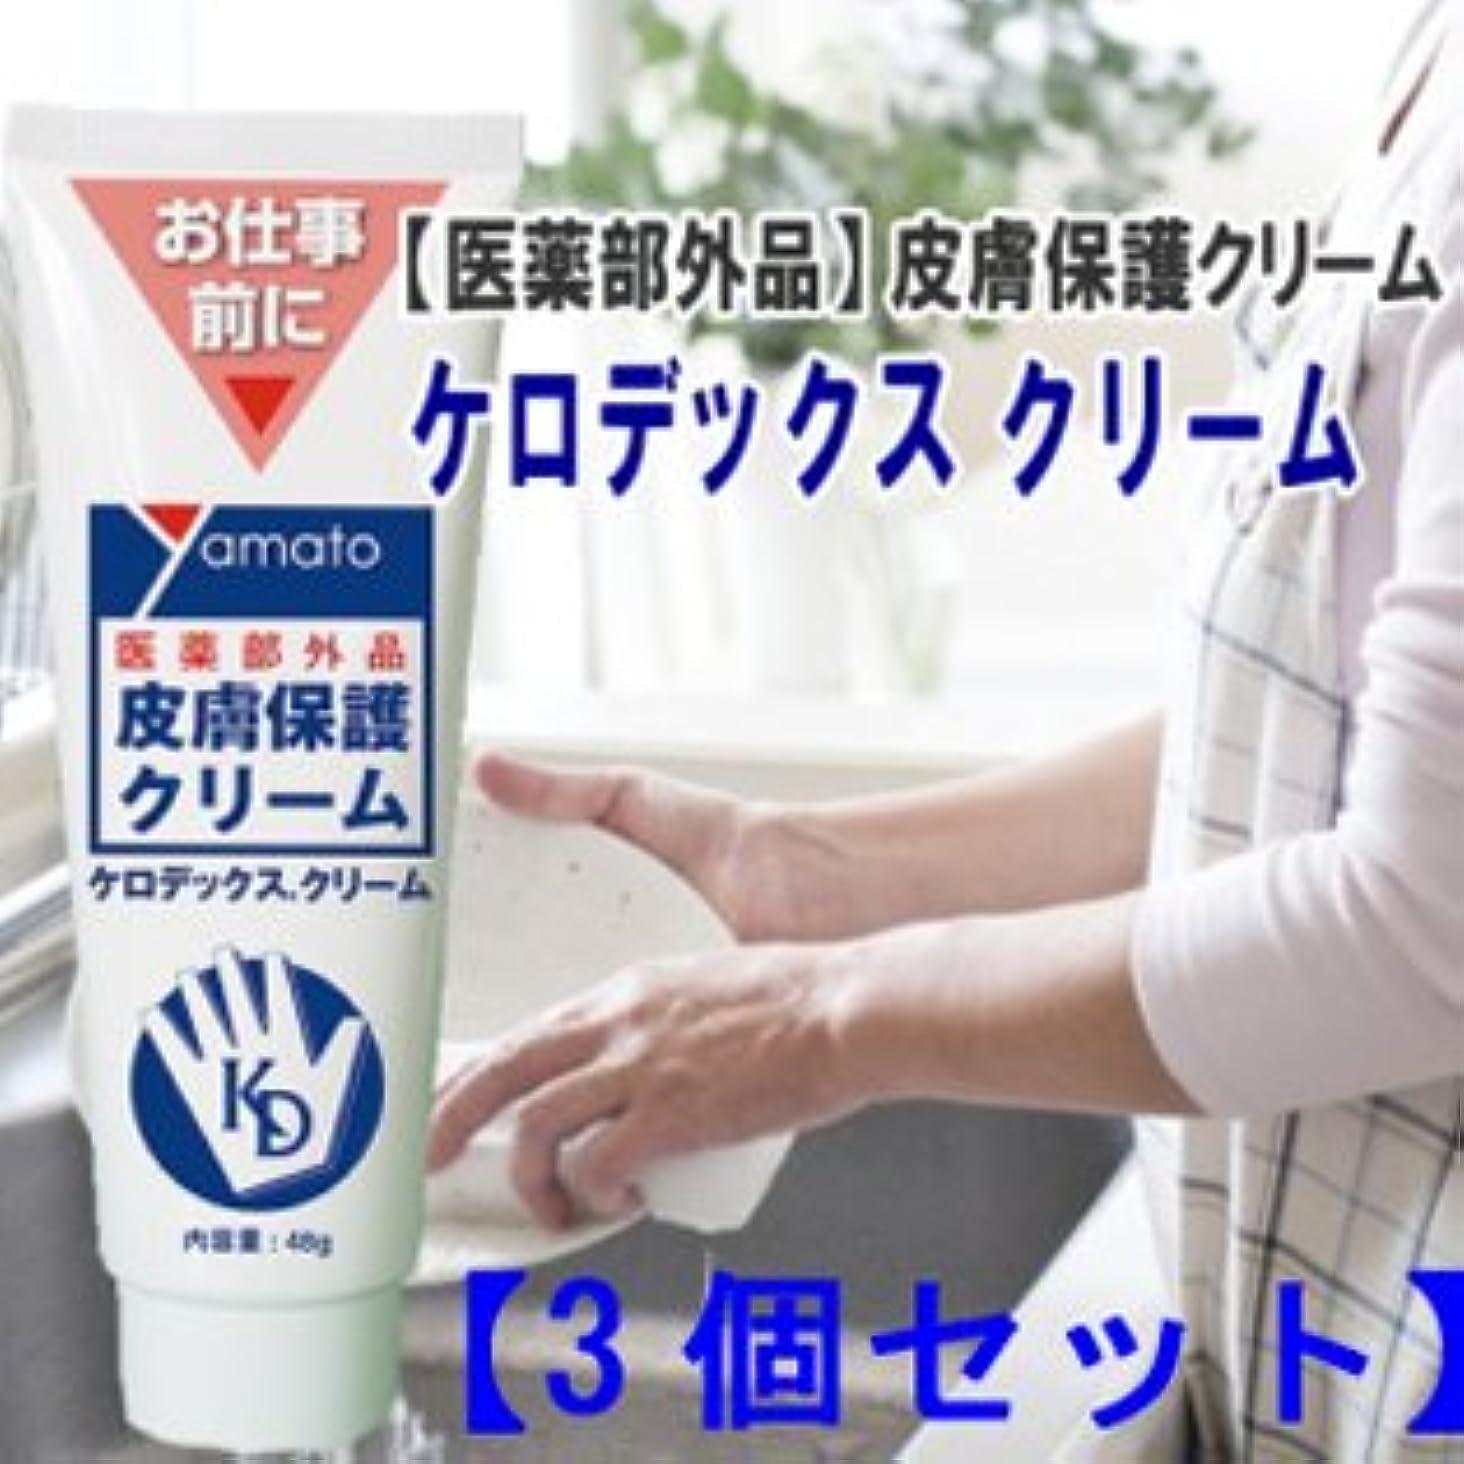 起きて扱う人気医薬部外品 皮膚保護クリーム ケロデックスクリーム48g 3個セット